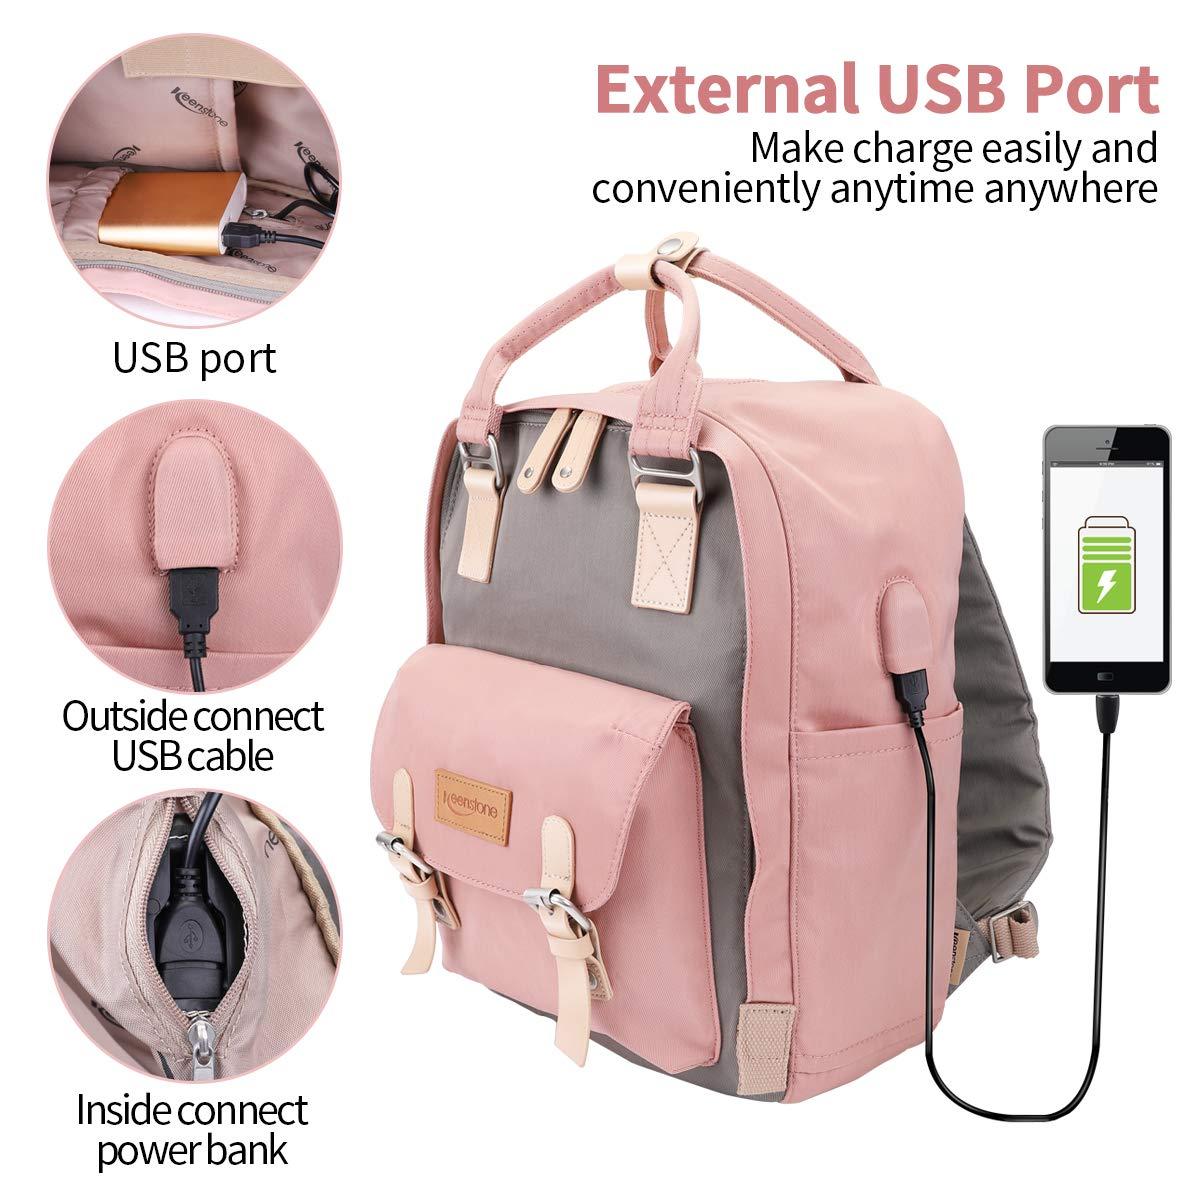 Keenstone Sac à Dos Ordinateur Portable avec Port de Chargeur USB Externe, Sacs Scolaires de Voyage résistant à l\'eau pour Les Femmes, pour Ordinateur Portable de 14 Pouces.(Rose+Gris)